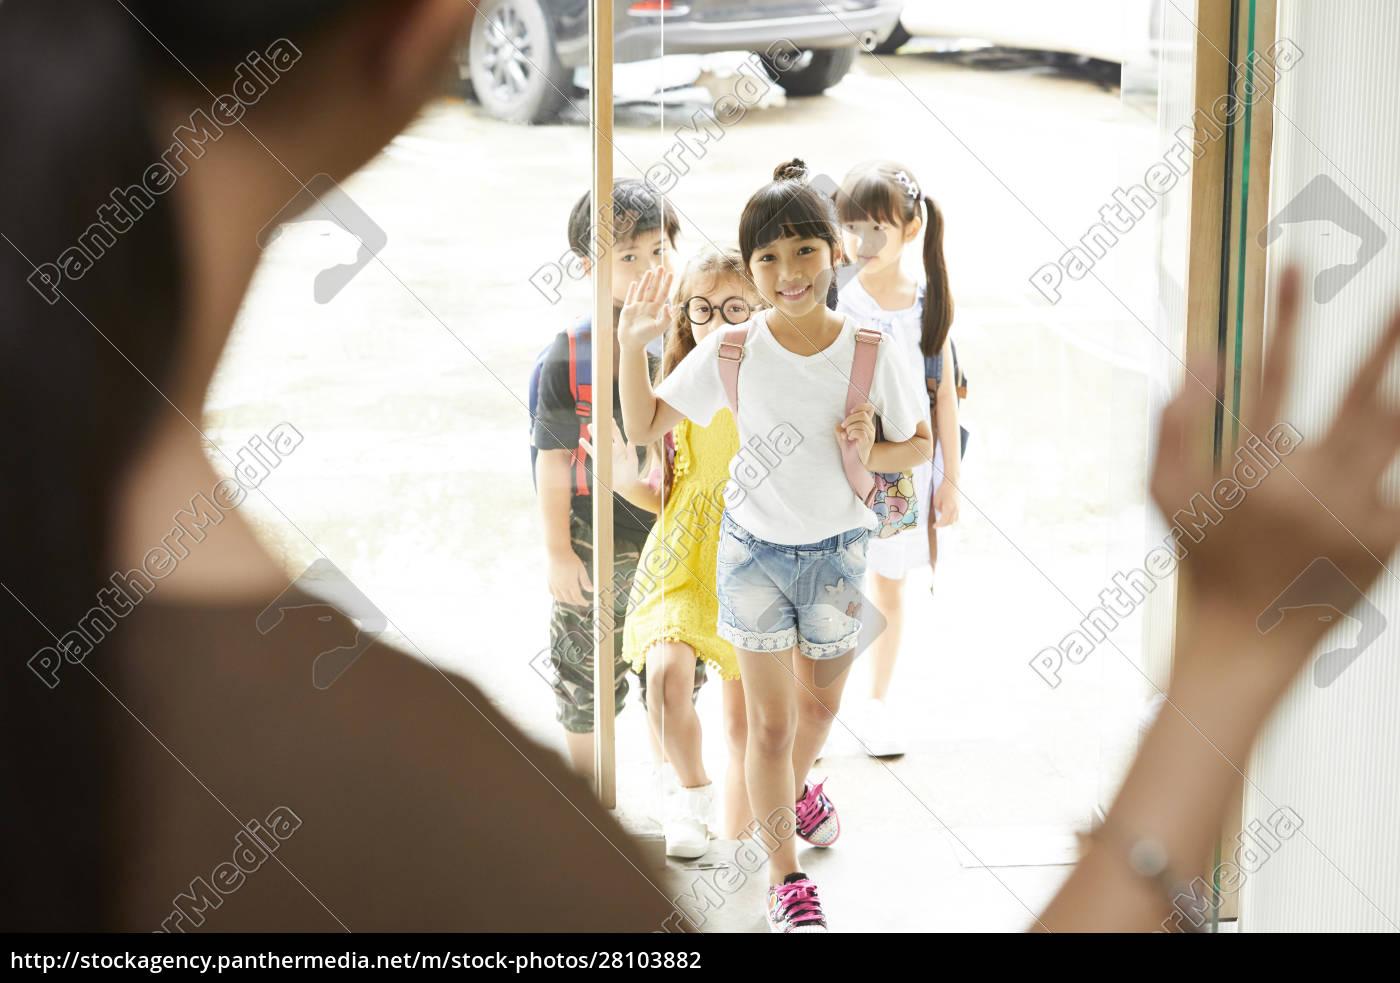 Życie, szkolne, dla, dzieci, w, wieku - 28103882